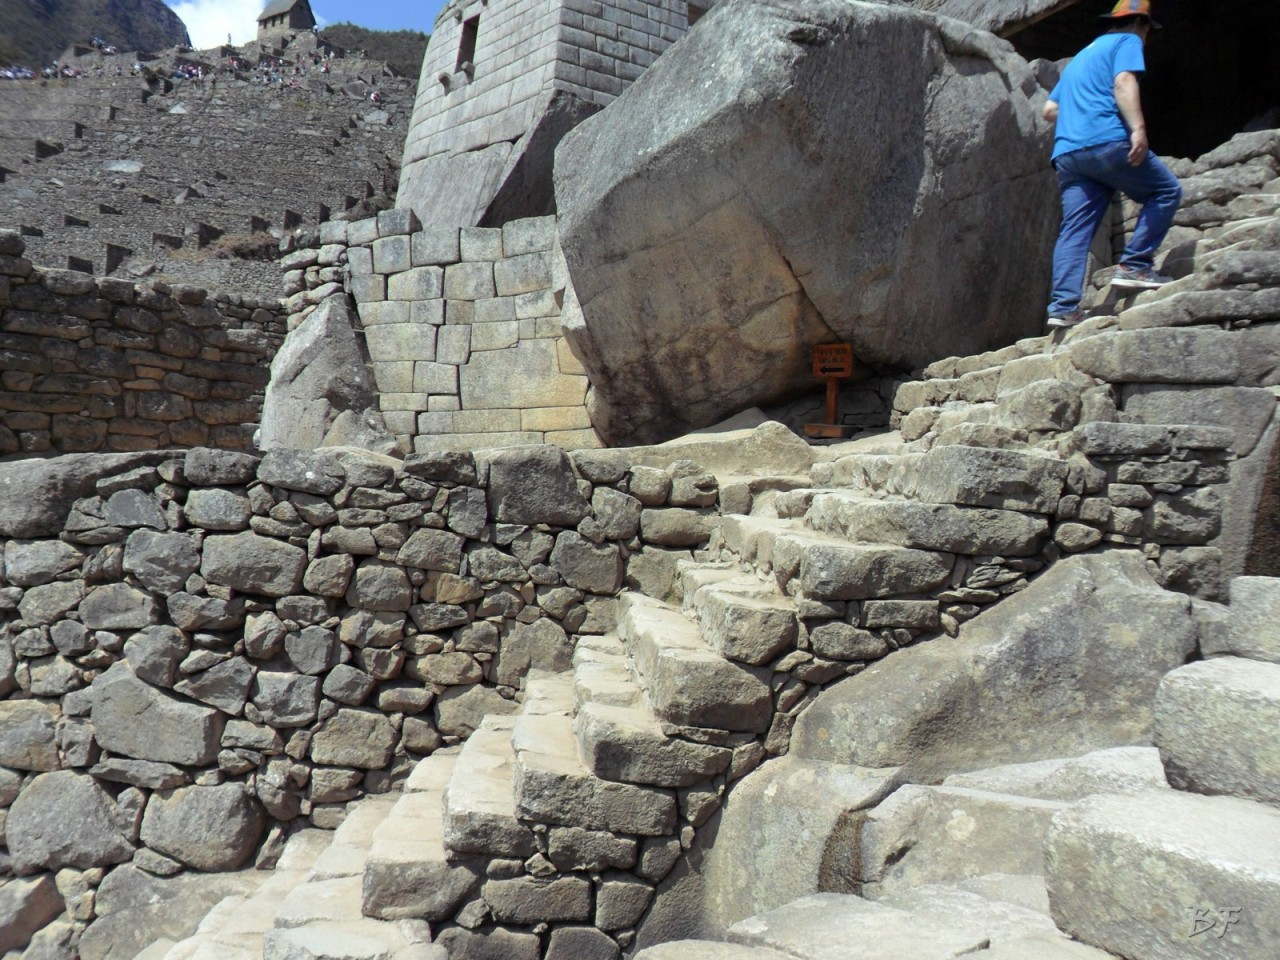 Mura-Poligonali-Incisioni-Altari-Edifici-Rupestri-Megaliti-Machu-Picchu-Aguas-Calientes-Urubamba-Cusco-Perù-39